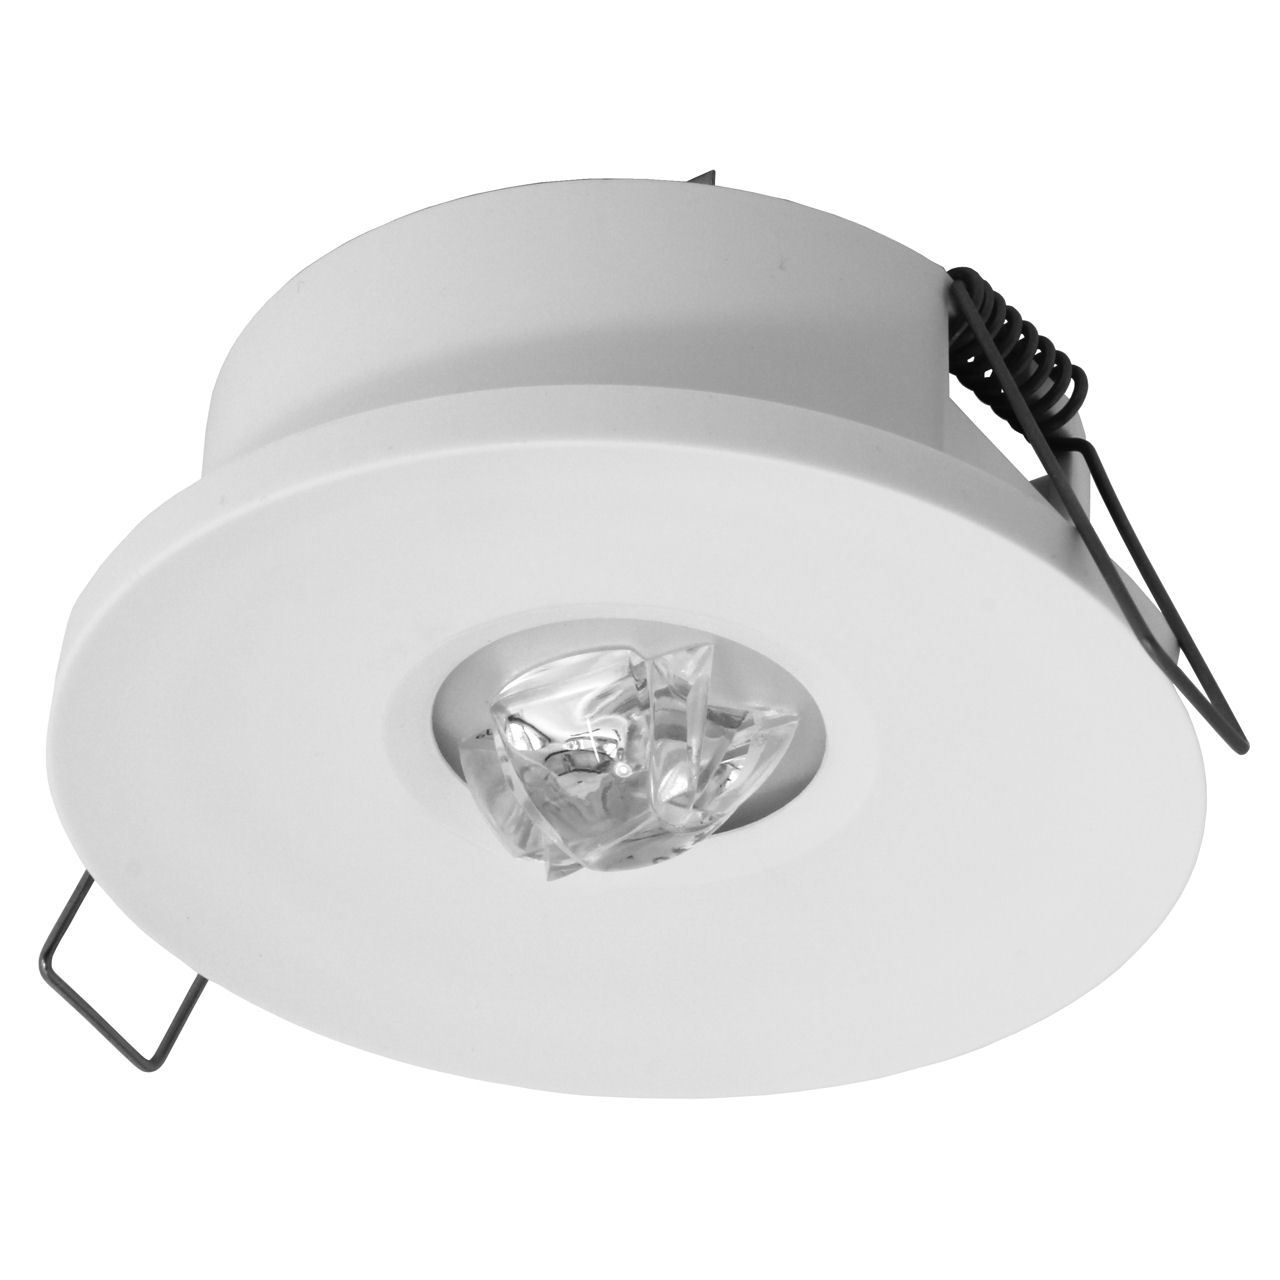 Встраиваемые светодиодные аварийные светильники IP65/20 или IP20 для коридоров AXP Awex